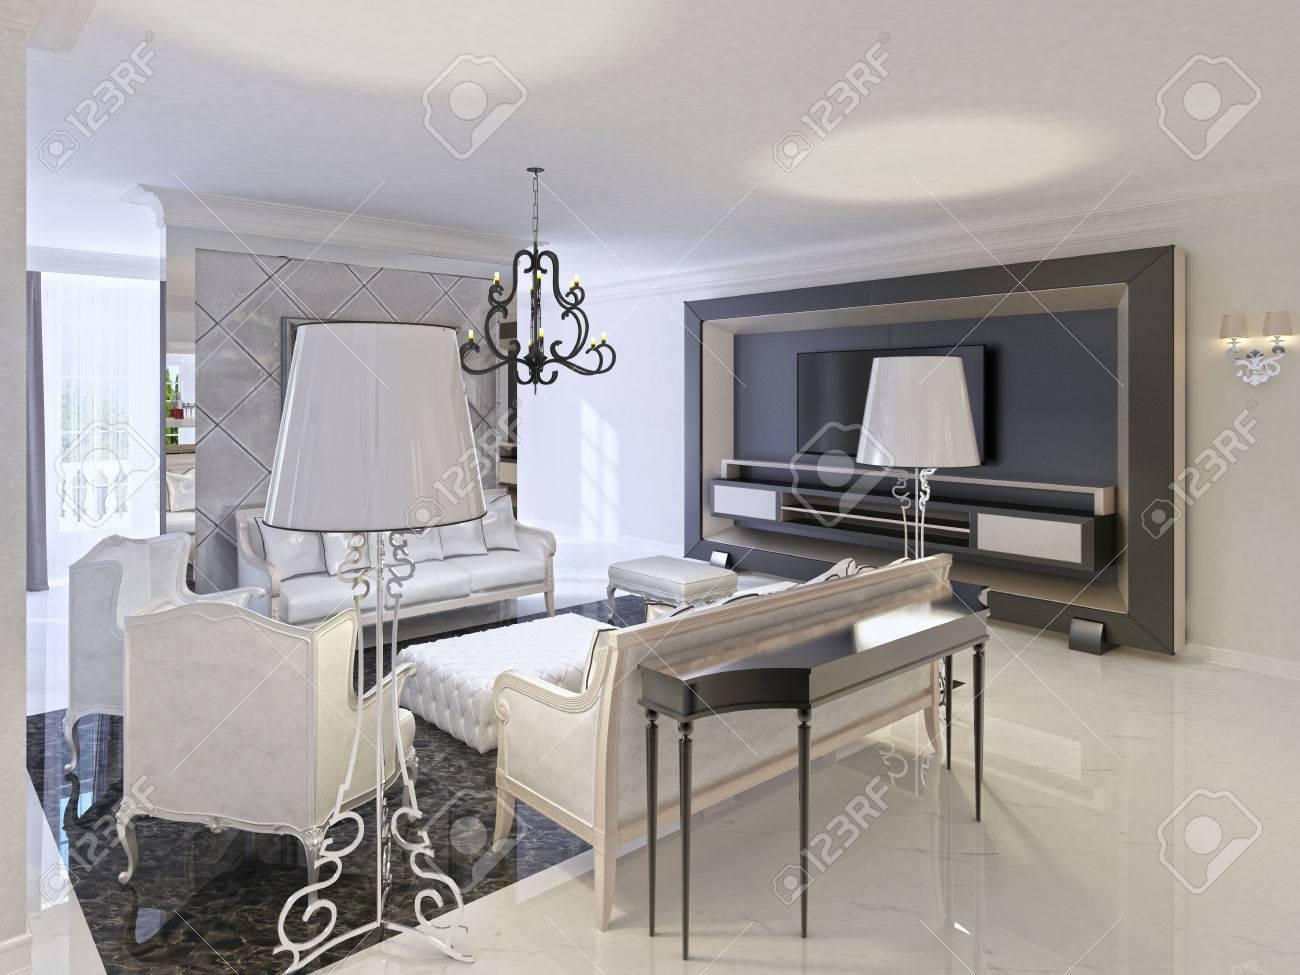 Diseño De La Sala De Estar Con Muebles Art Deco Sofá Blanco Negro ...